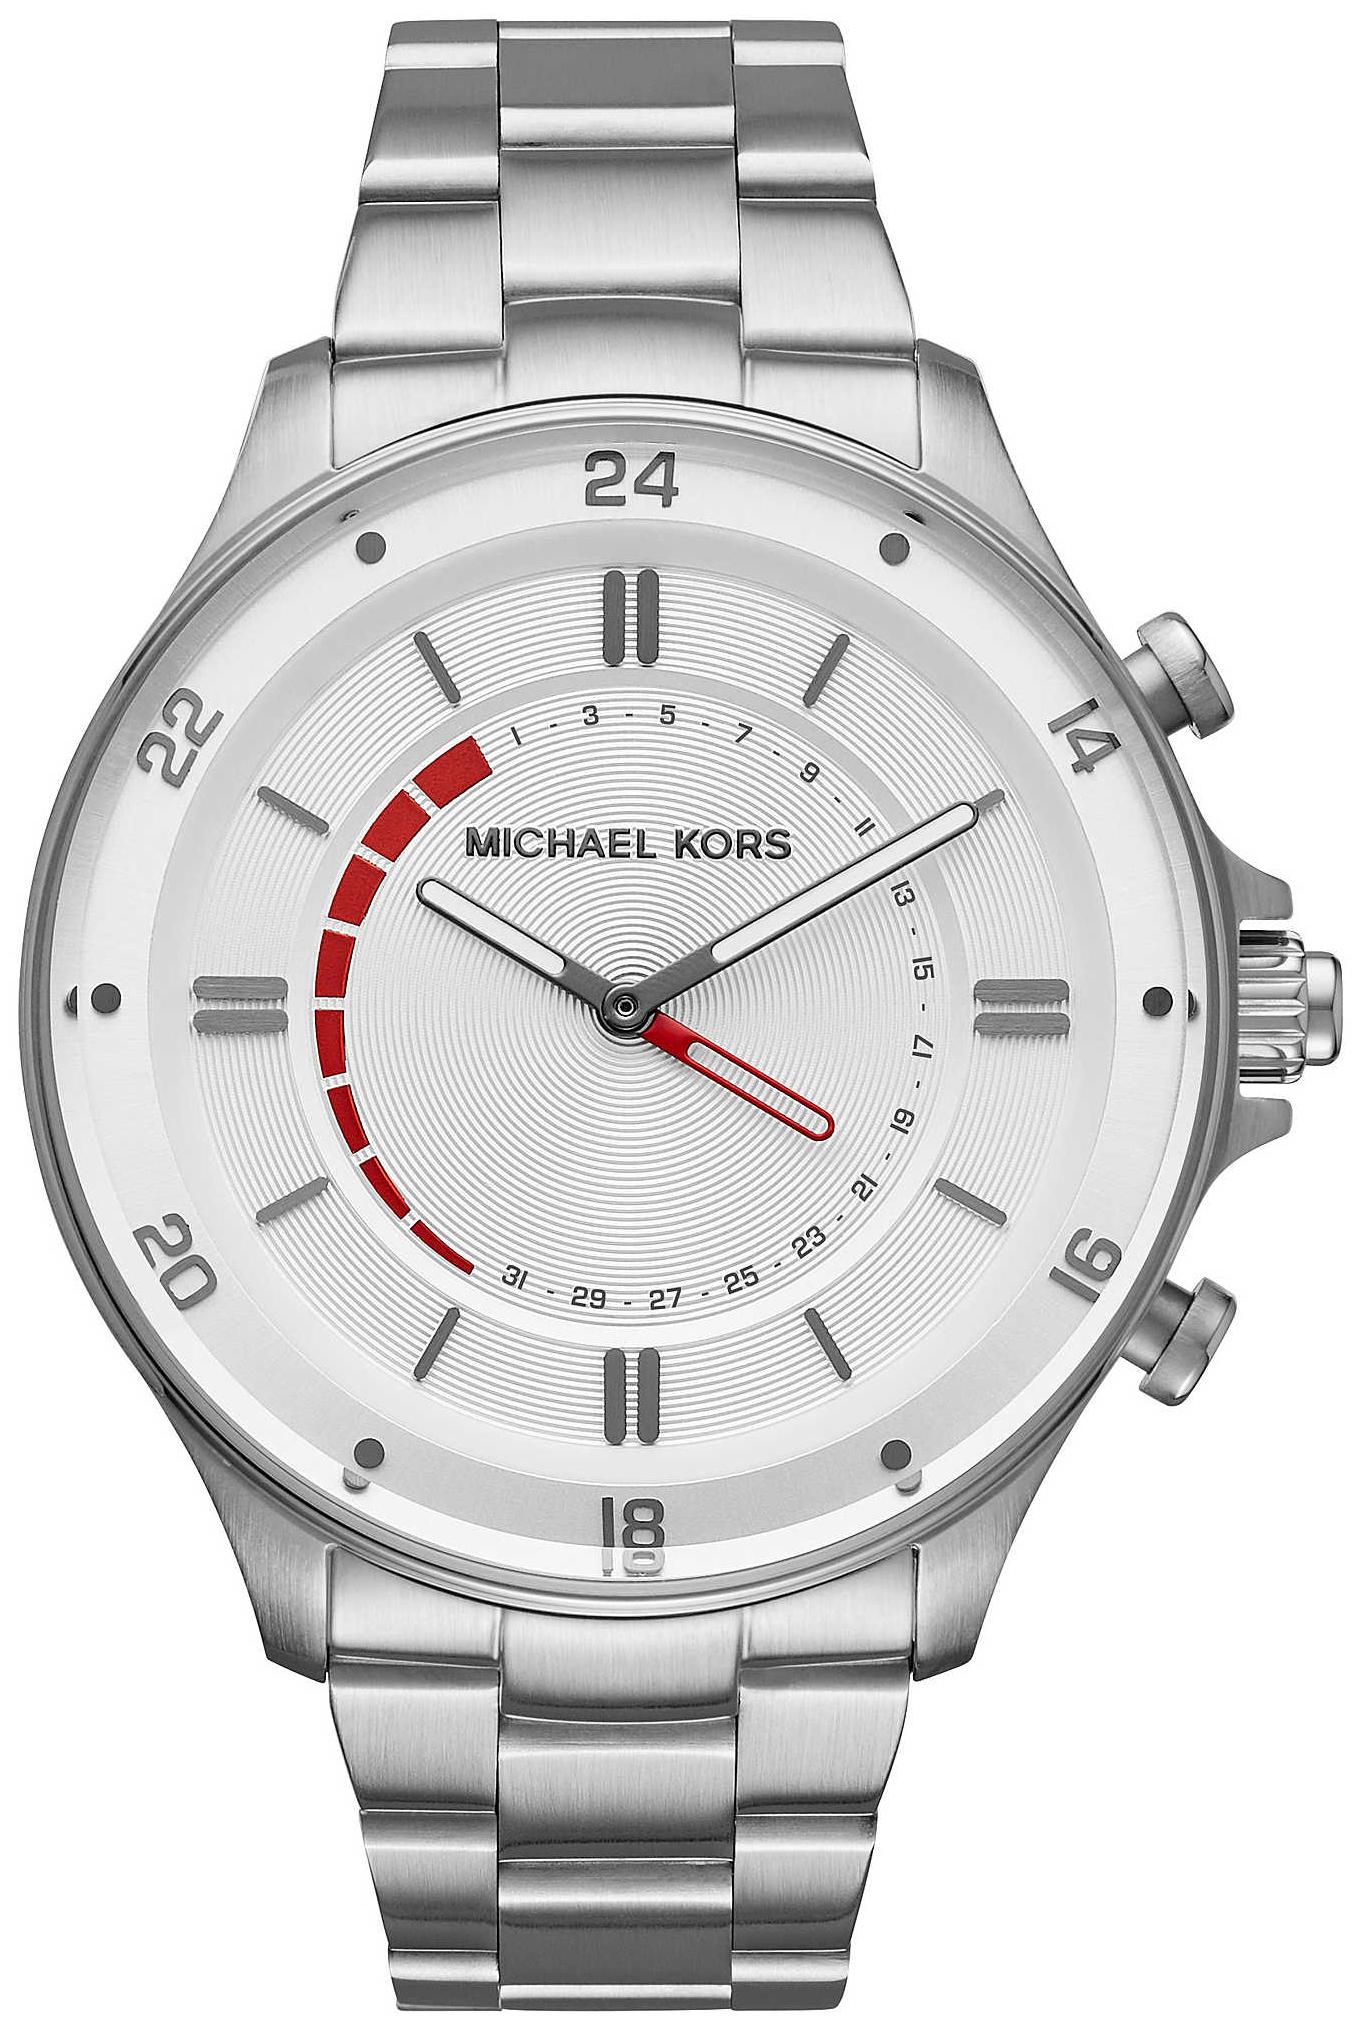 Michael Kors Smartwatch Herreklokke MKT4013 Sølvfarget/Stål Ø45 mm - Michael Kors